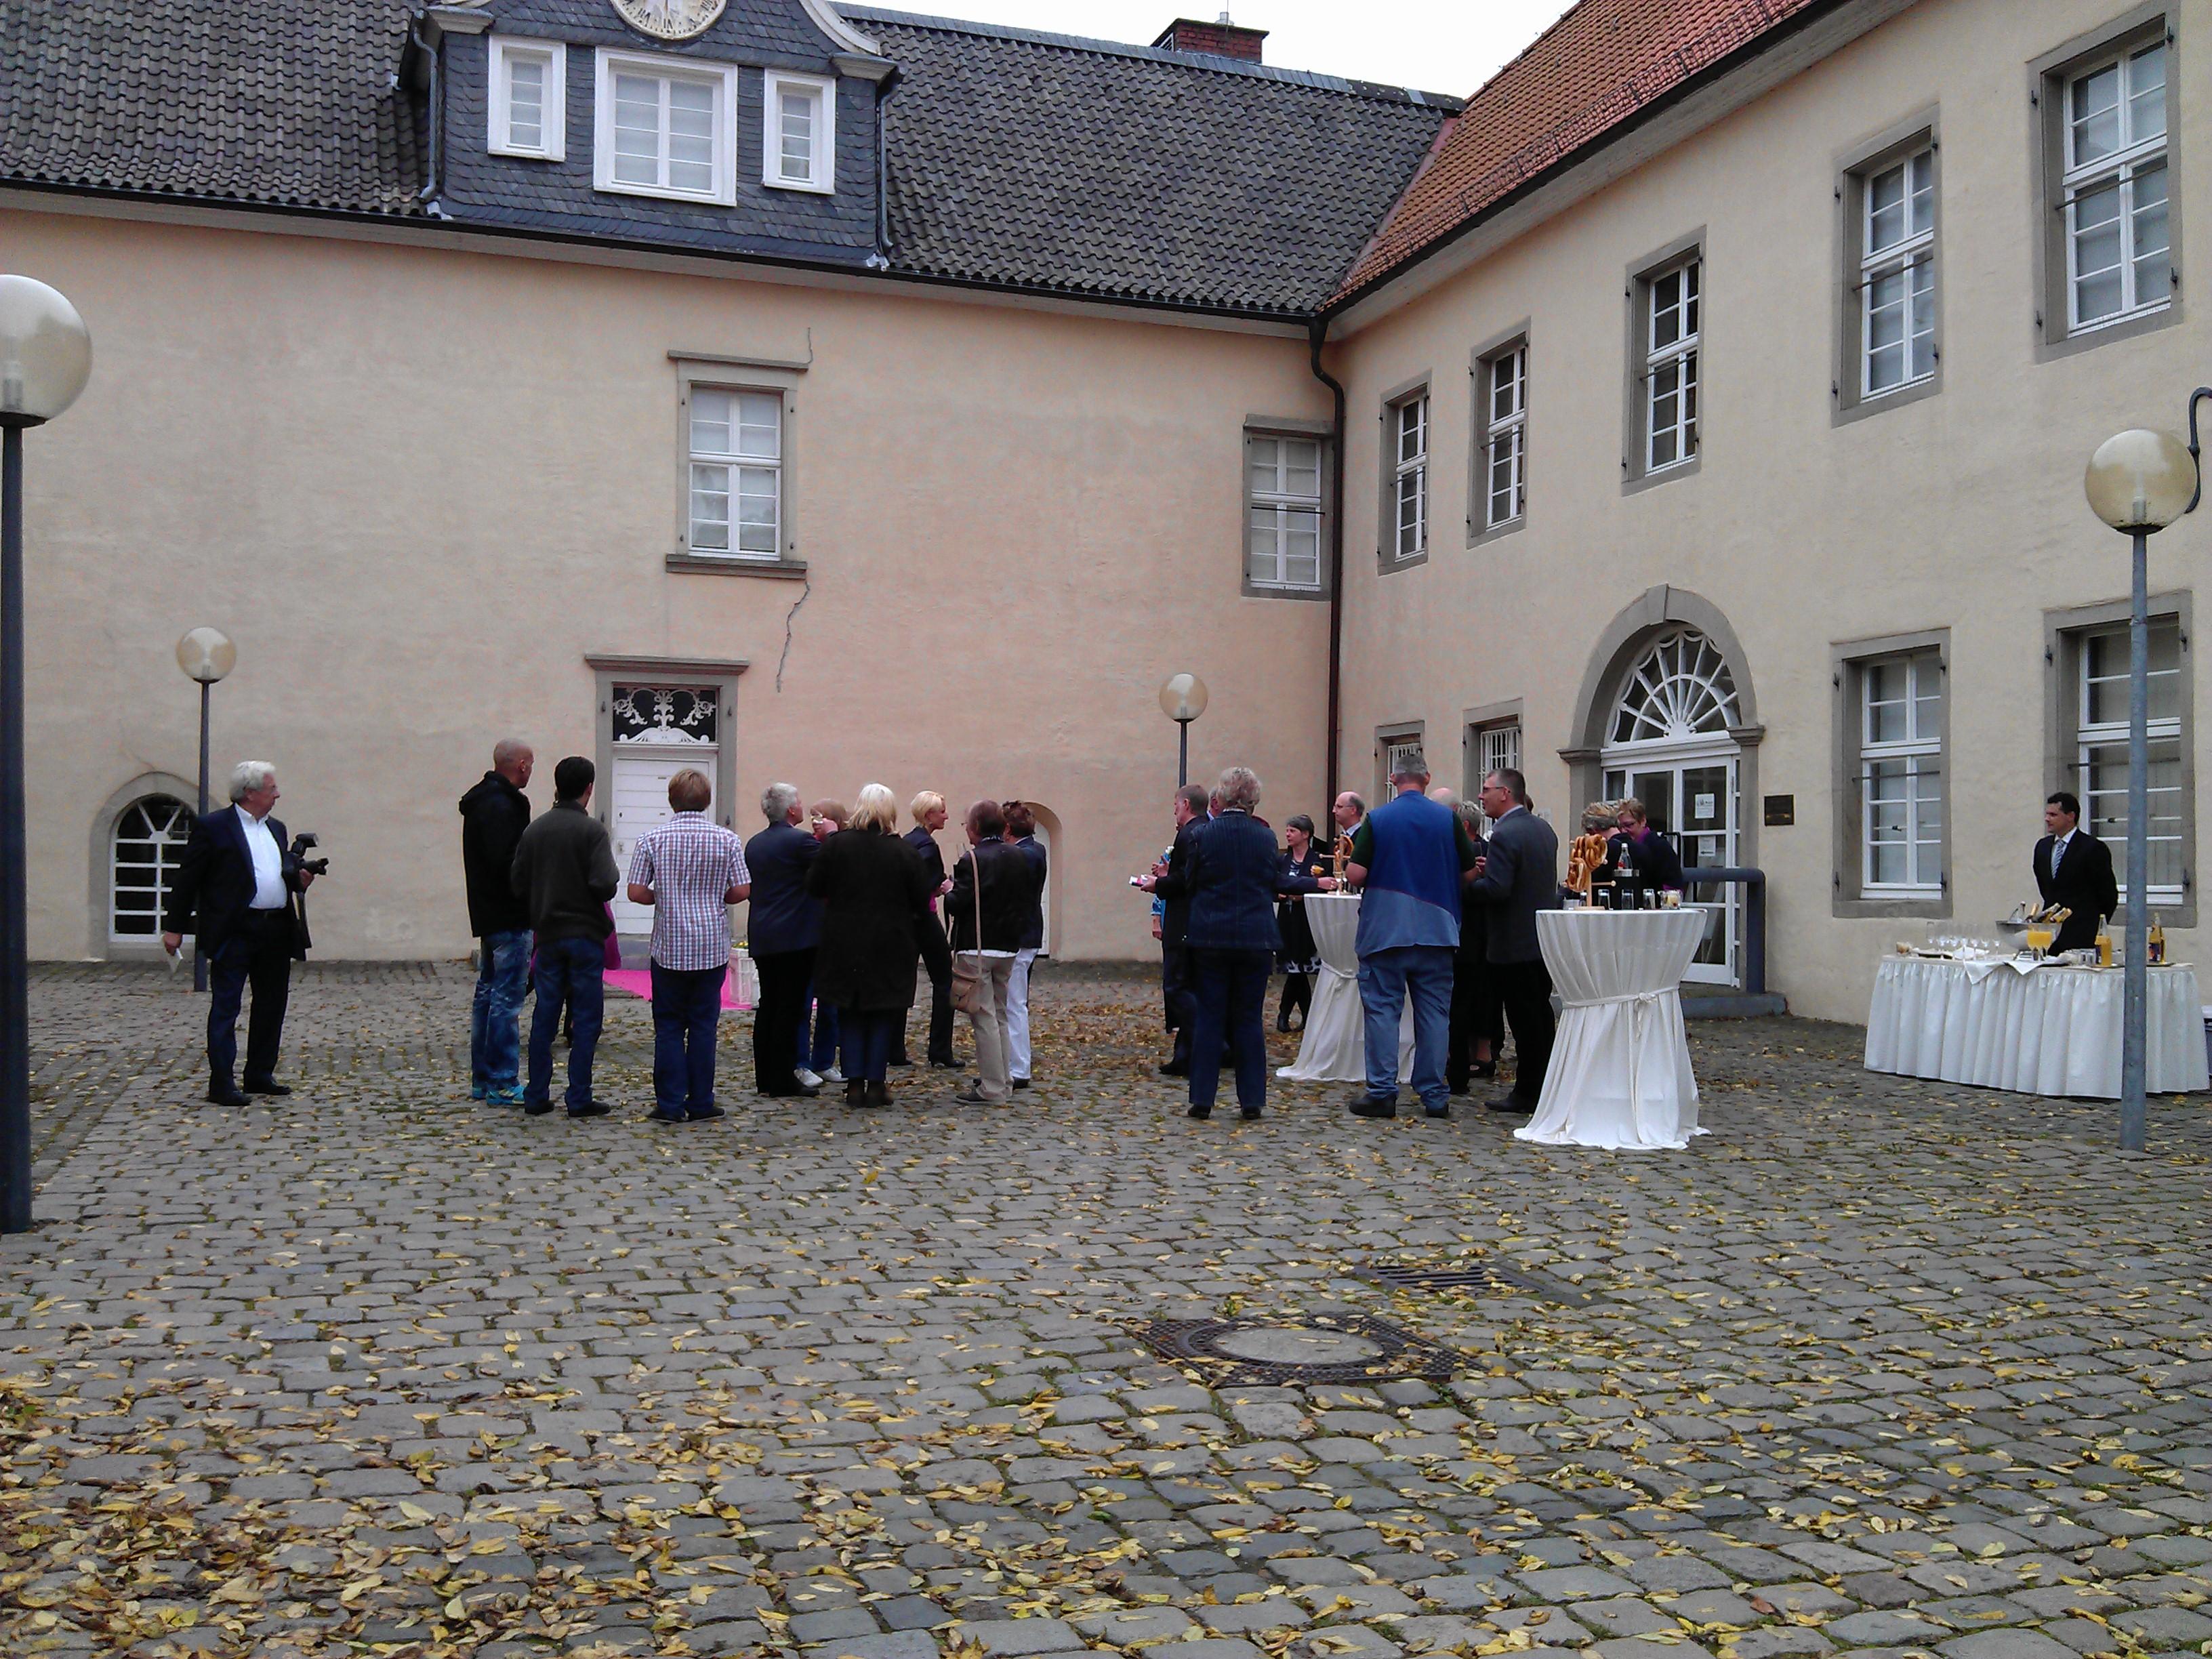 Sektempfang Schloss Martfeld Schwelm -2 | ©ihrehochzeitstauben